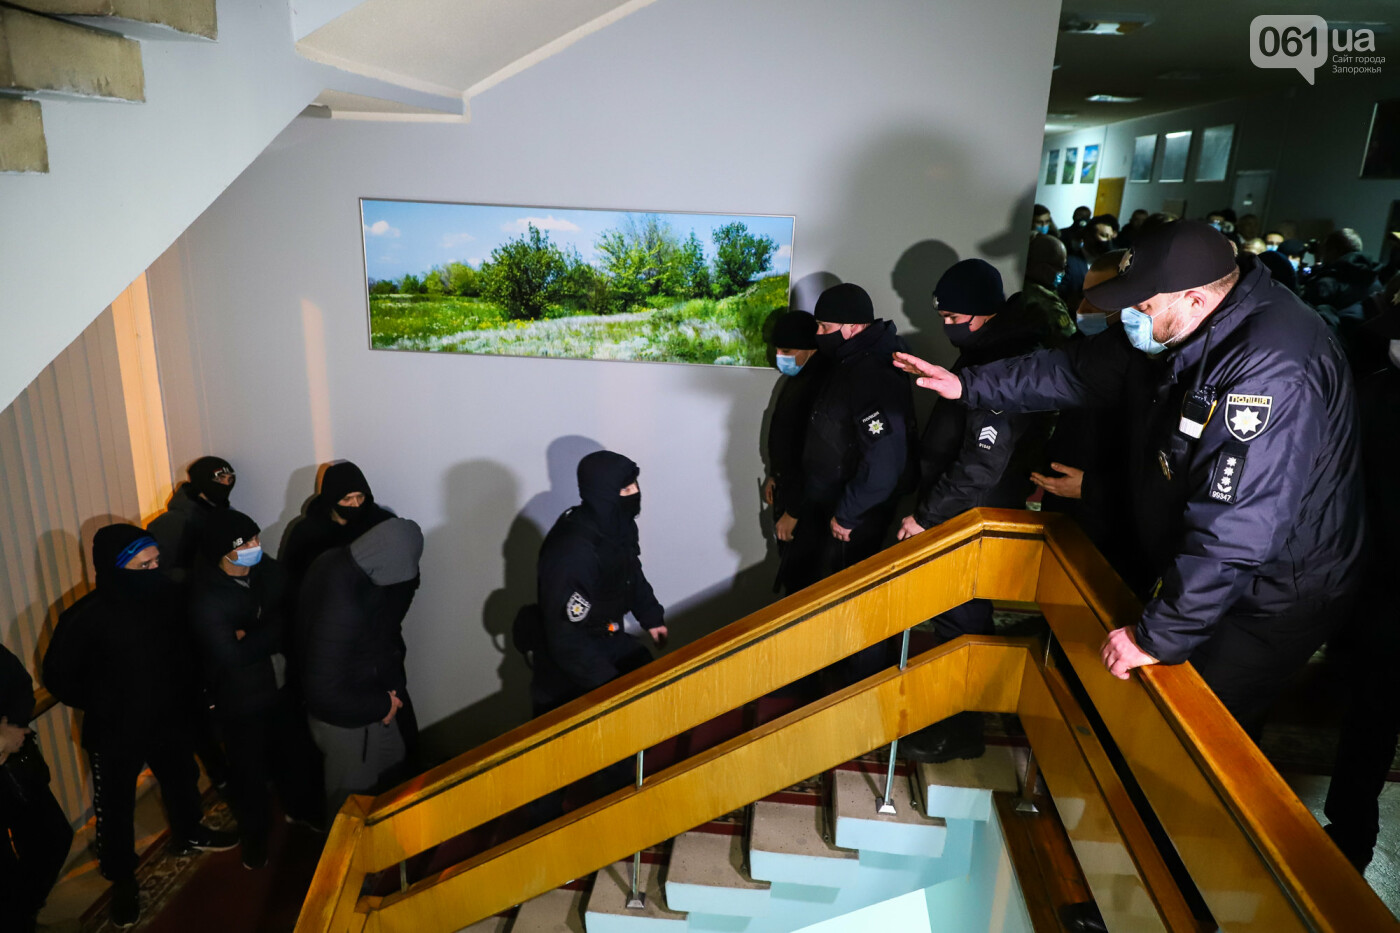 """Тайная """"сессия"""", сотни правоохранителей и стычки с активистами - что происходило в здании Запорожского облсовета, - ФОТО, ВИДЕО , фото-52"""